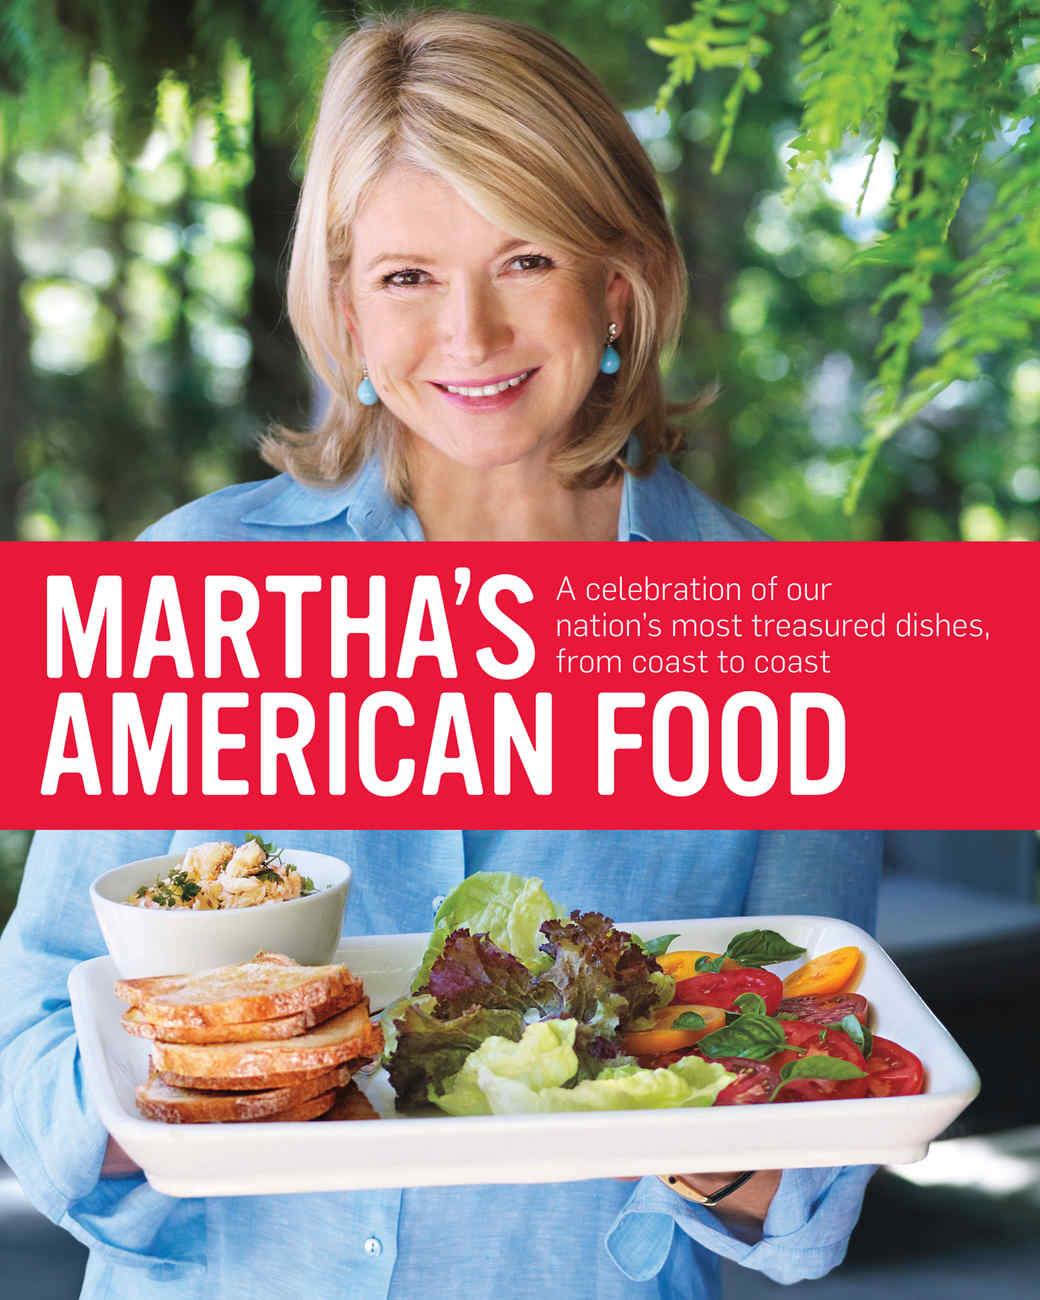 marthas-american-food-book.jpg